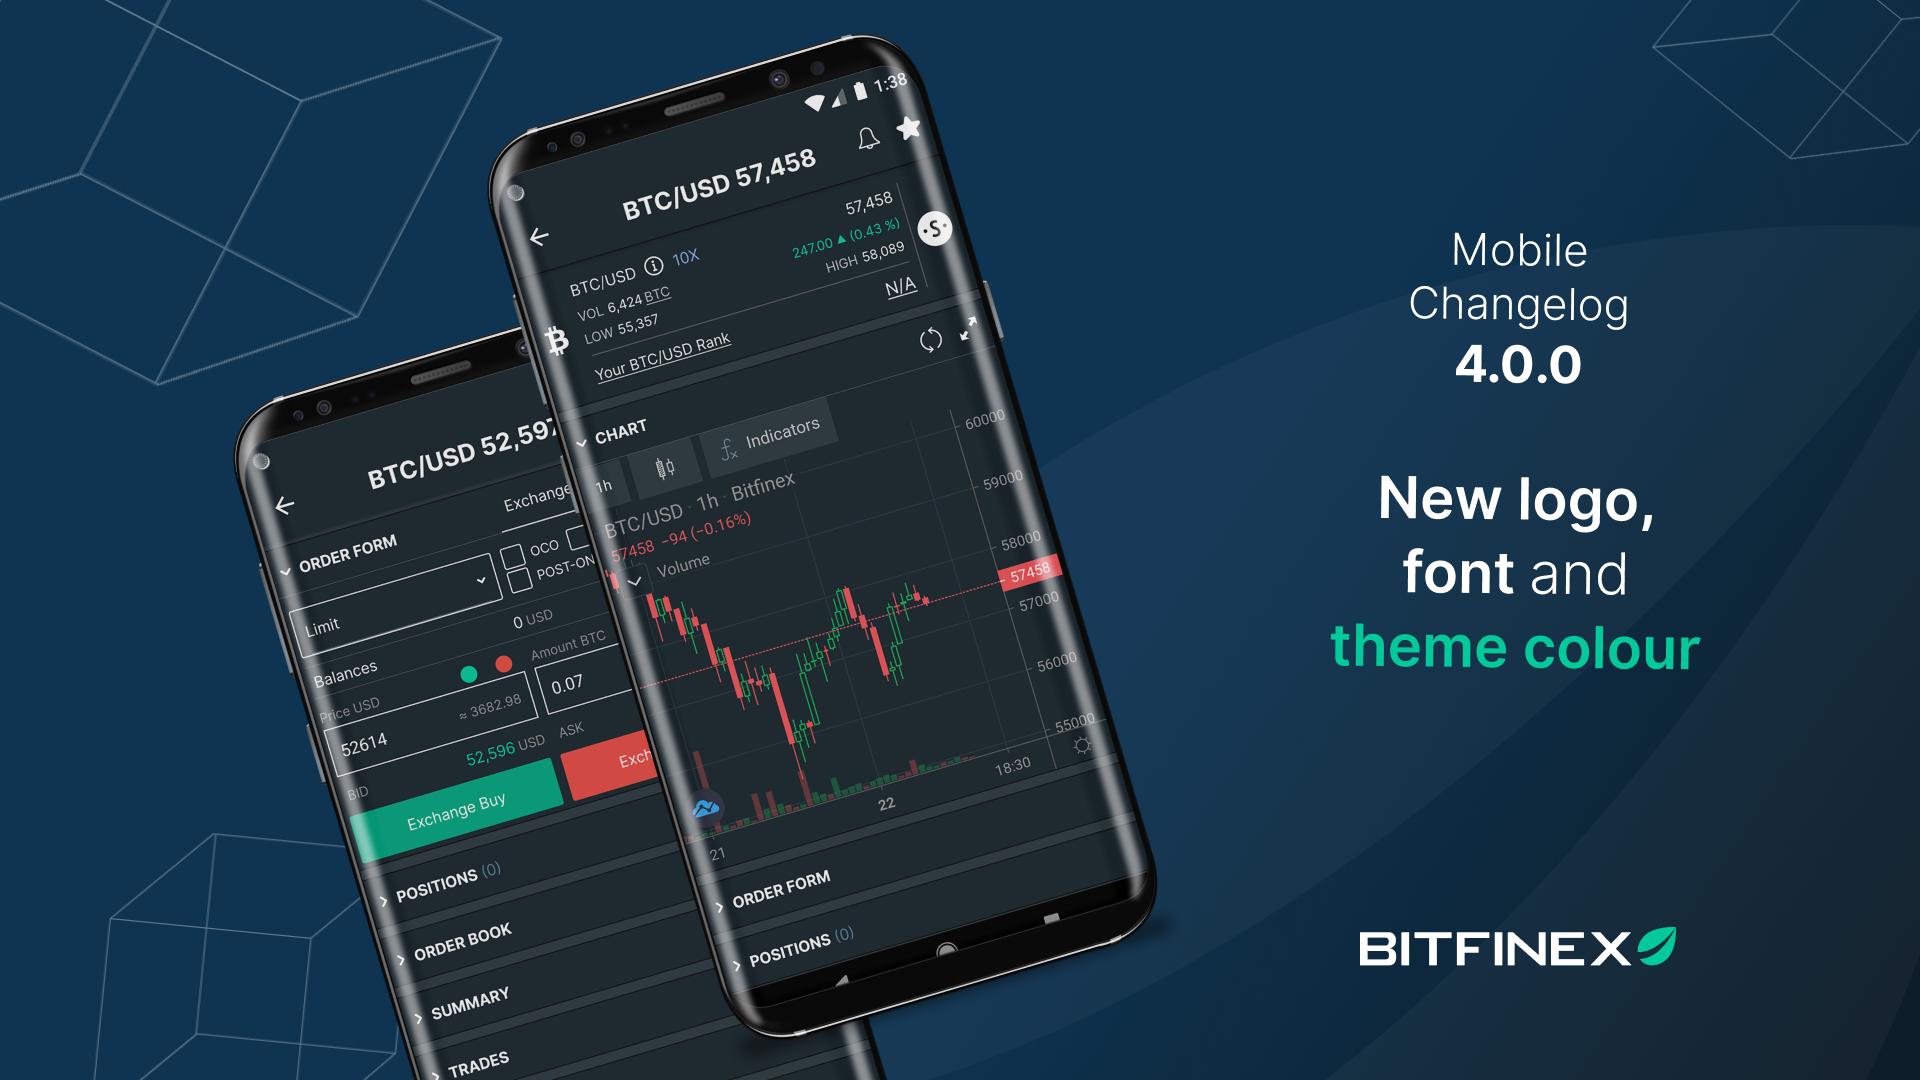 Mobile App Change Log 4.0.0 - Bitfinex blog